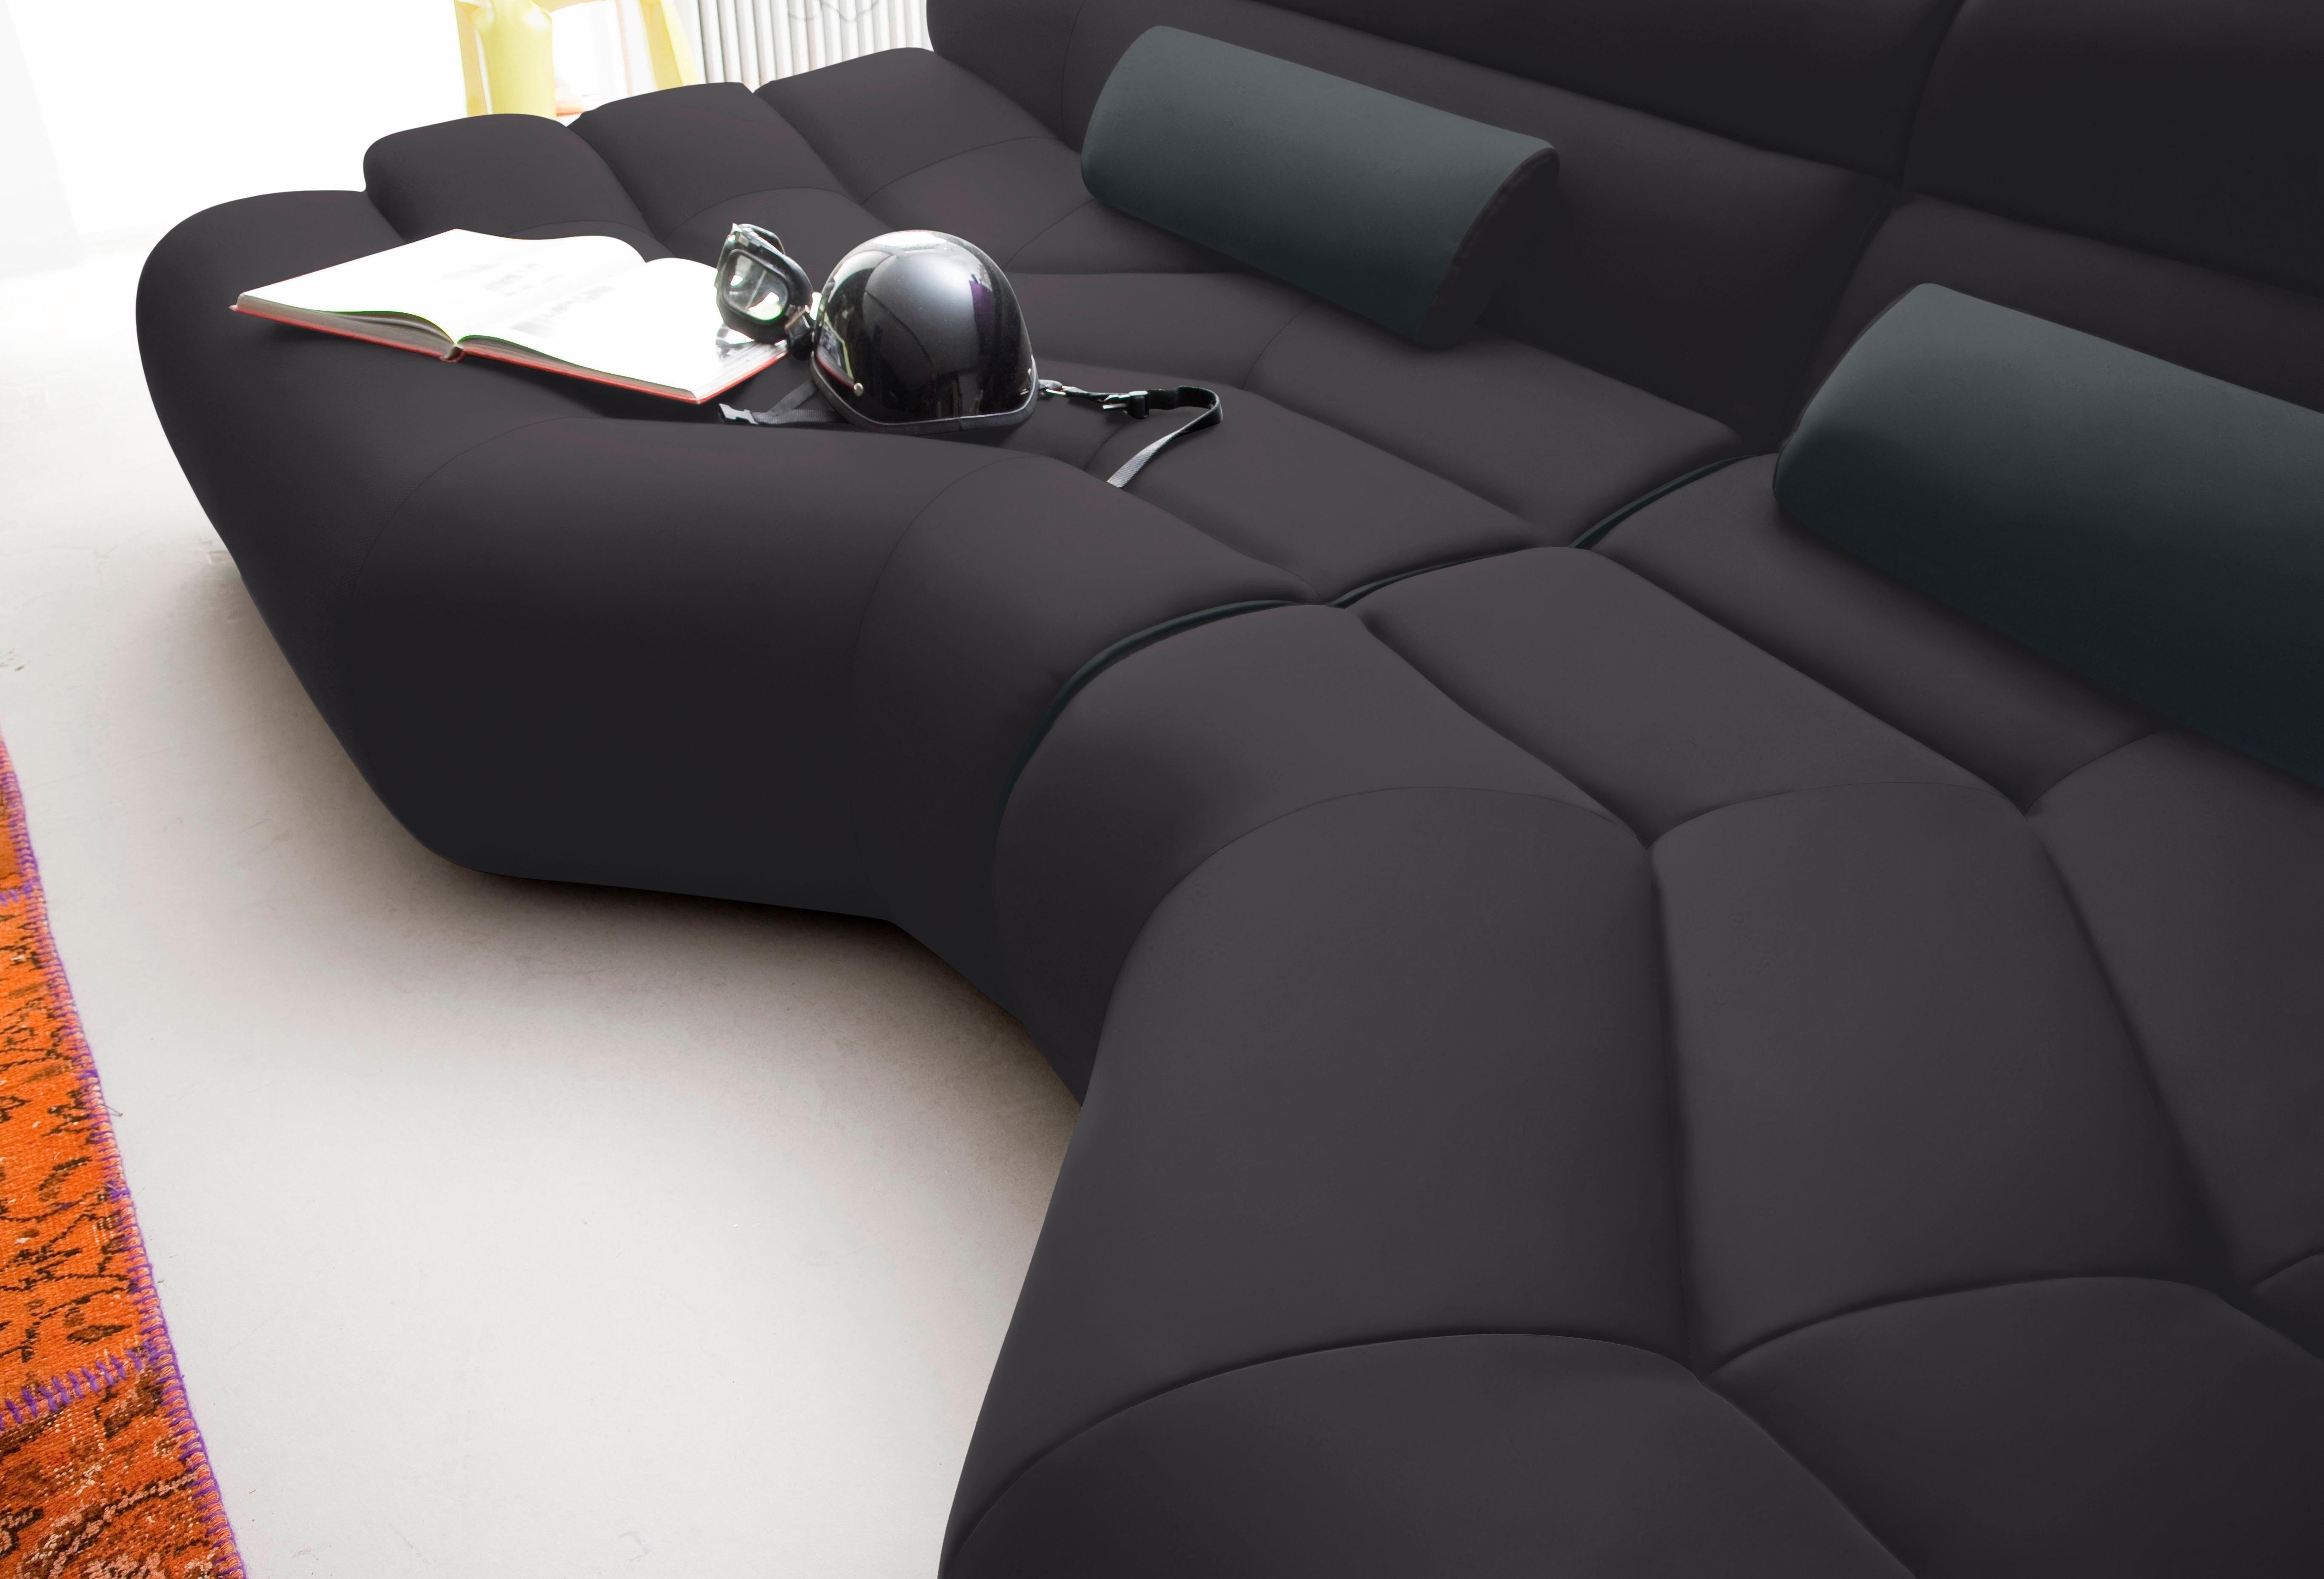 Trendmanufaktur Big Sofa Auf Rechnung Bestellen Big Sofas